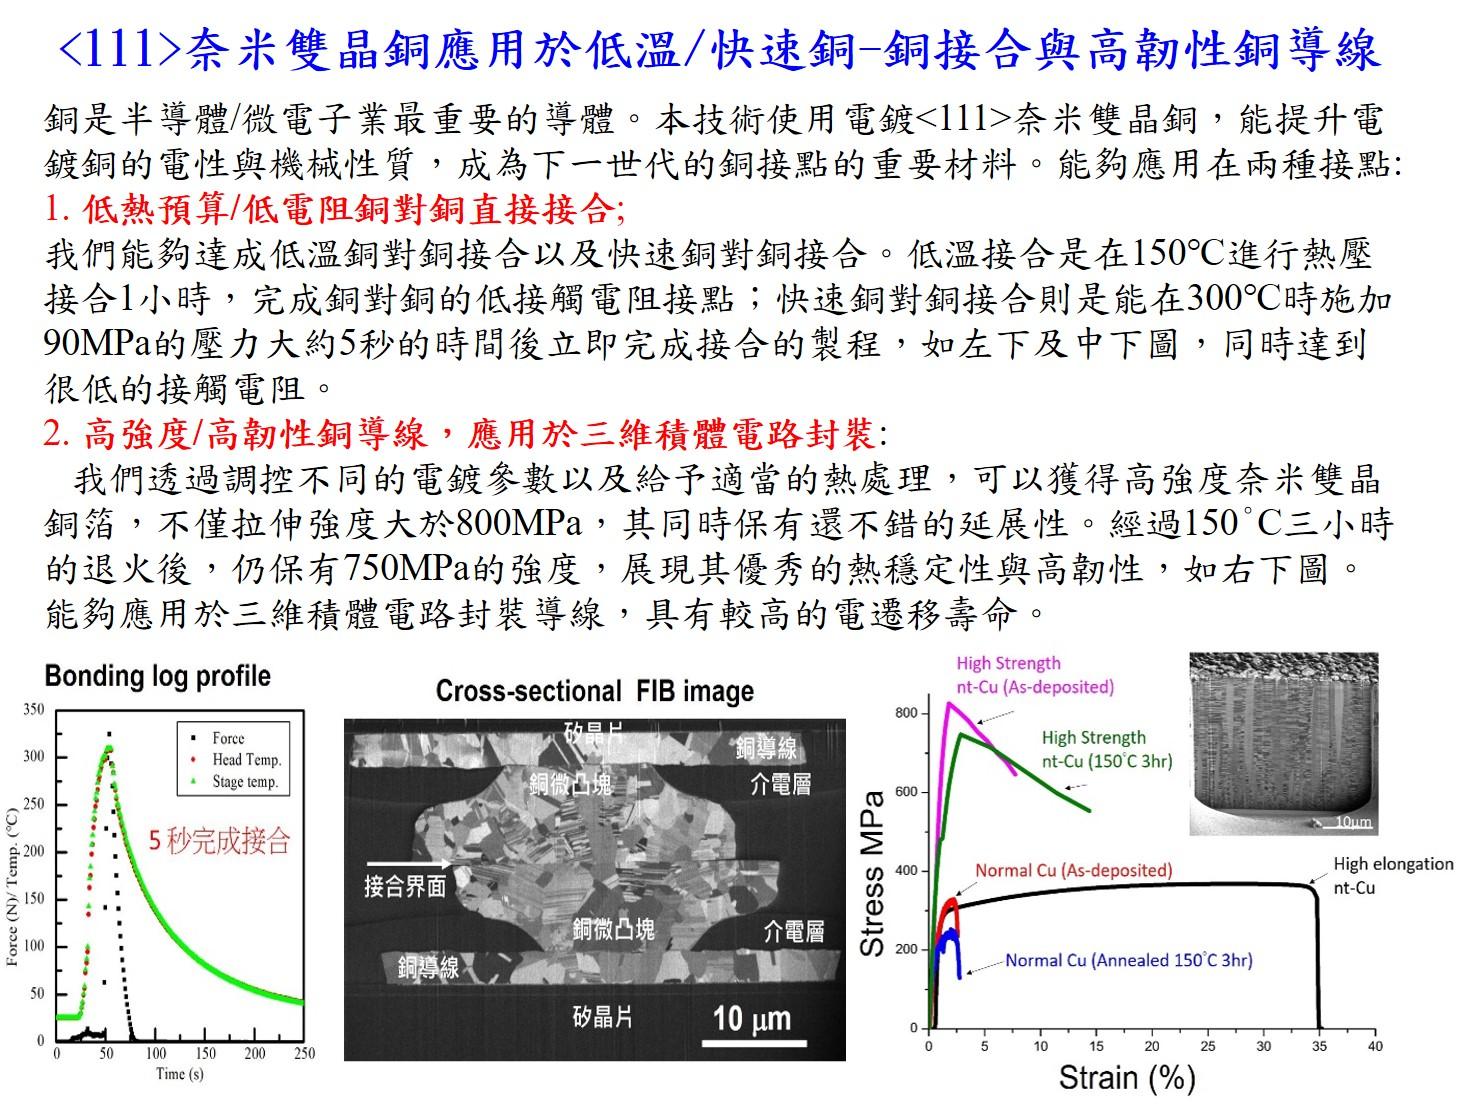 奈米雙晶銅應用於低溫/快速銅-銅接合與高韌性銅導線